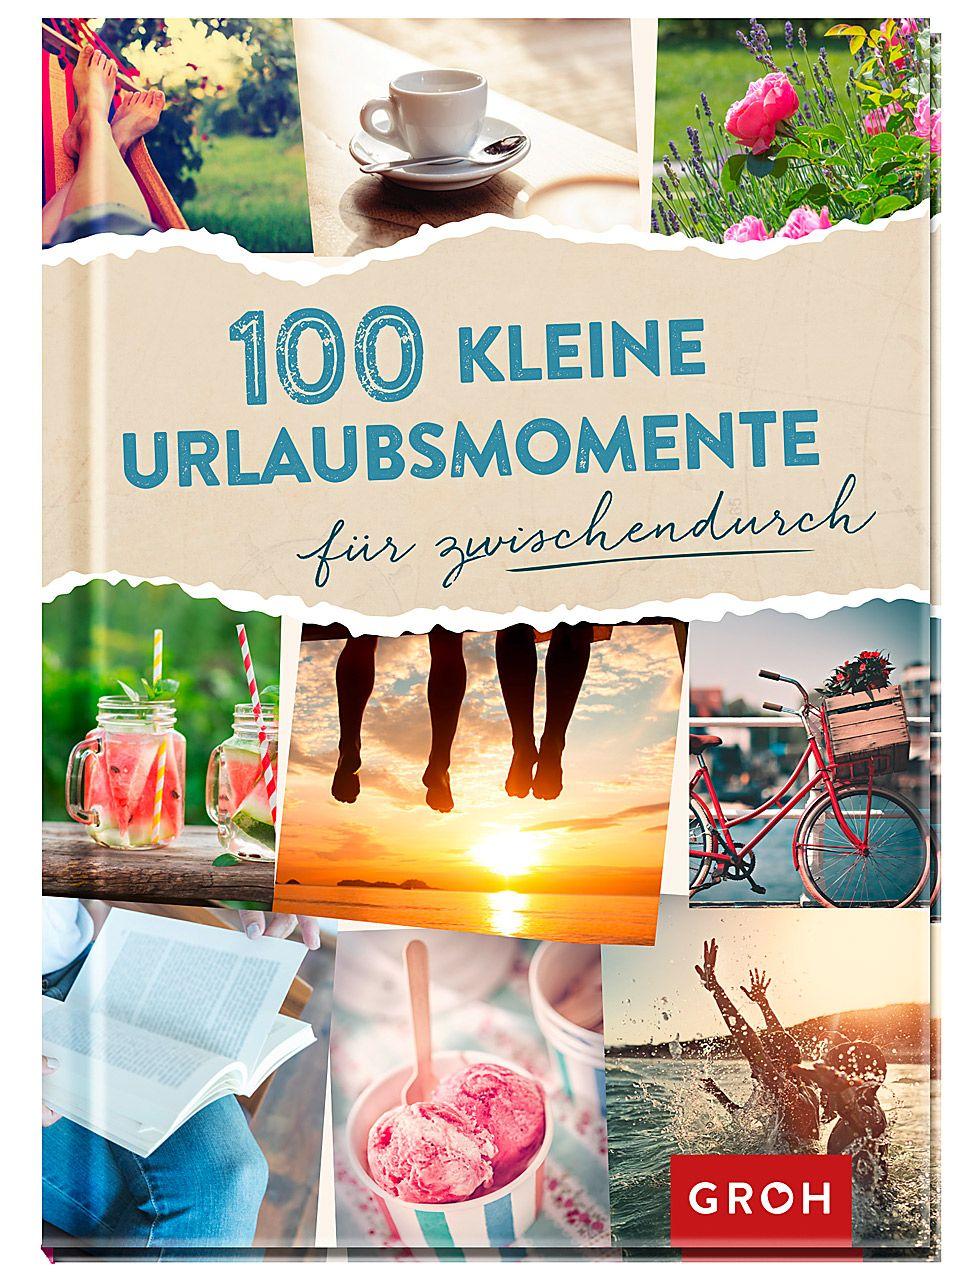 100 kleine Urlaubsmomente